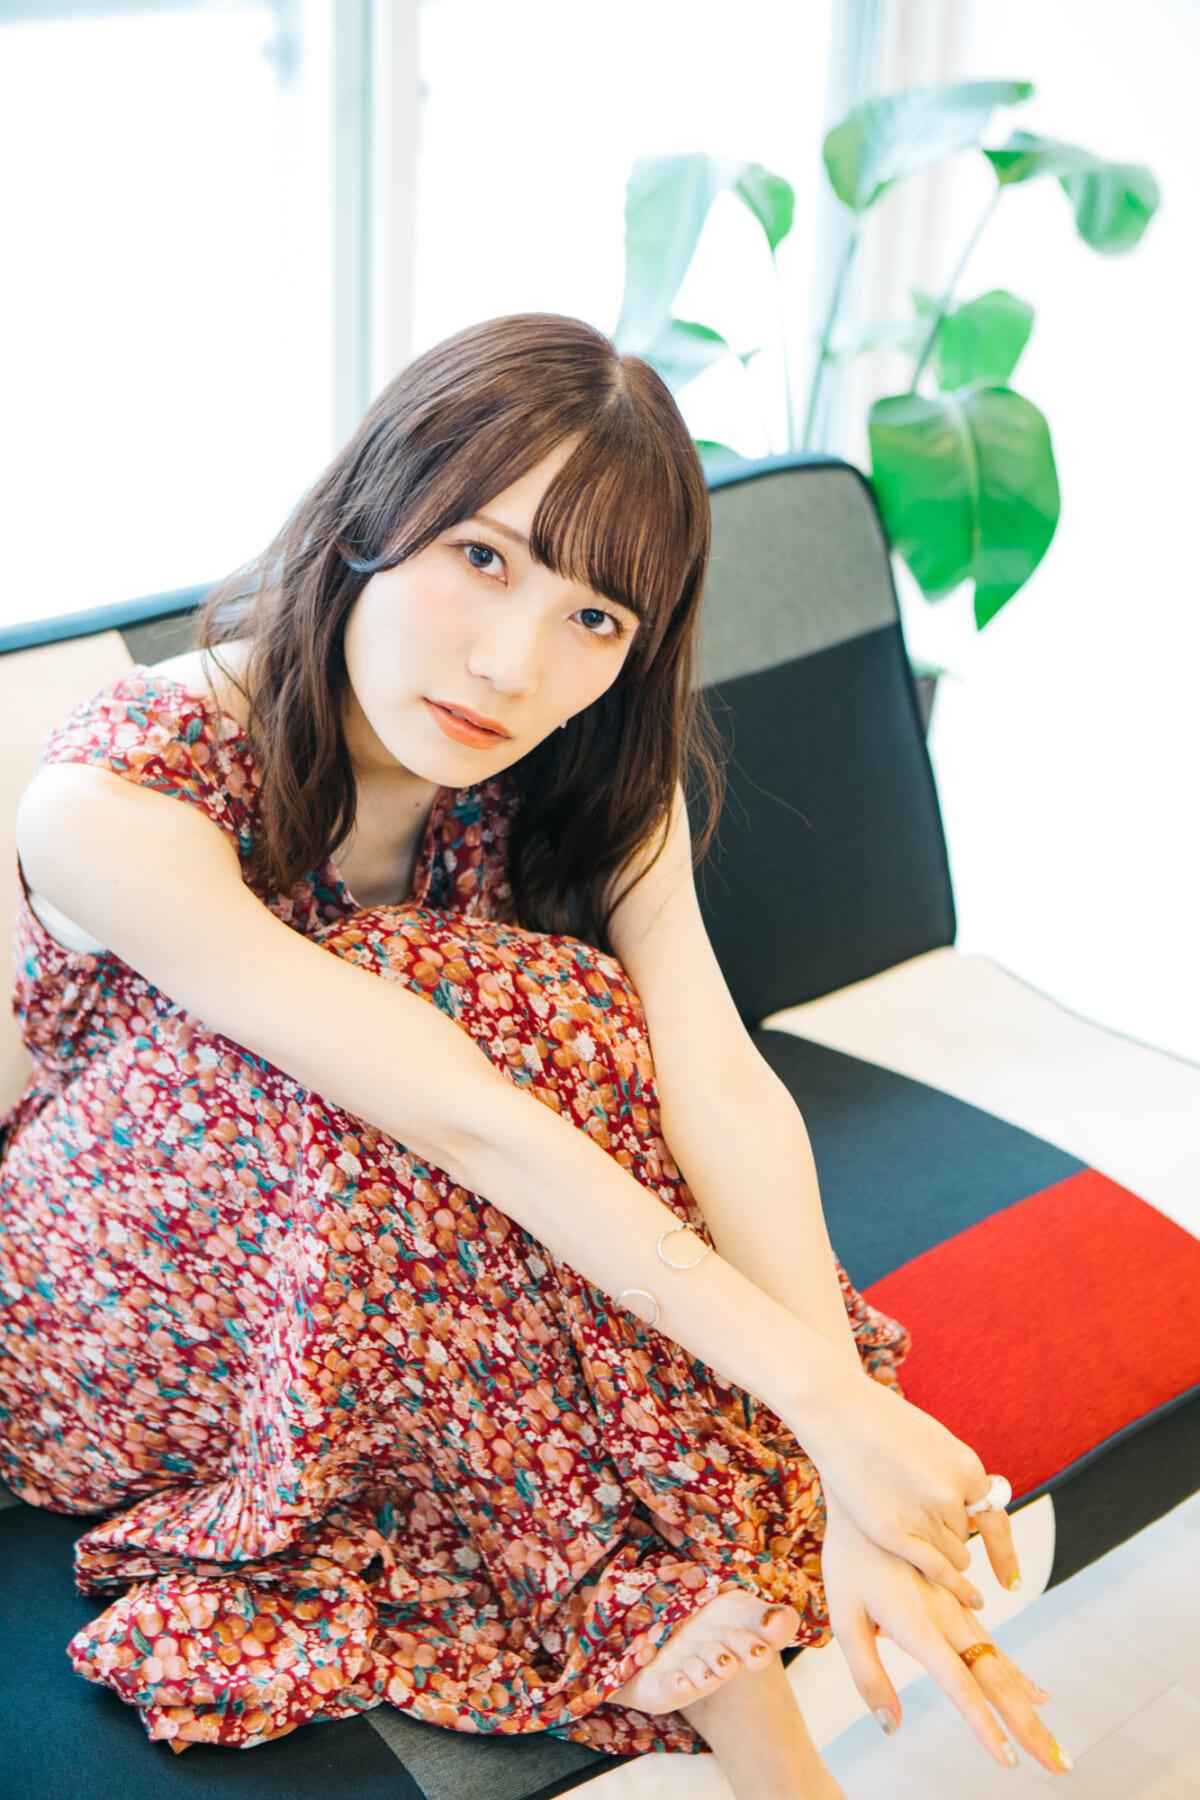 26時のマスカレイド・江嶋綾恵梨